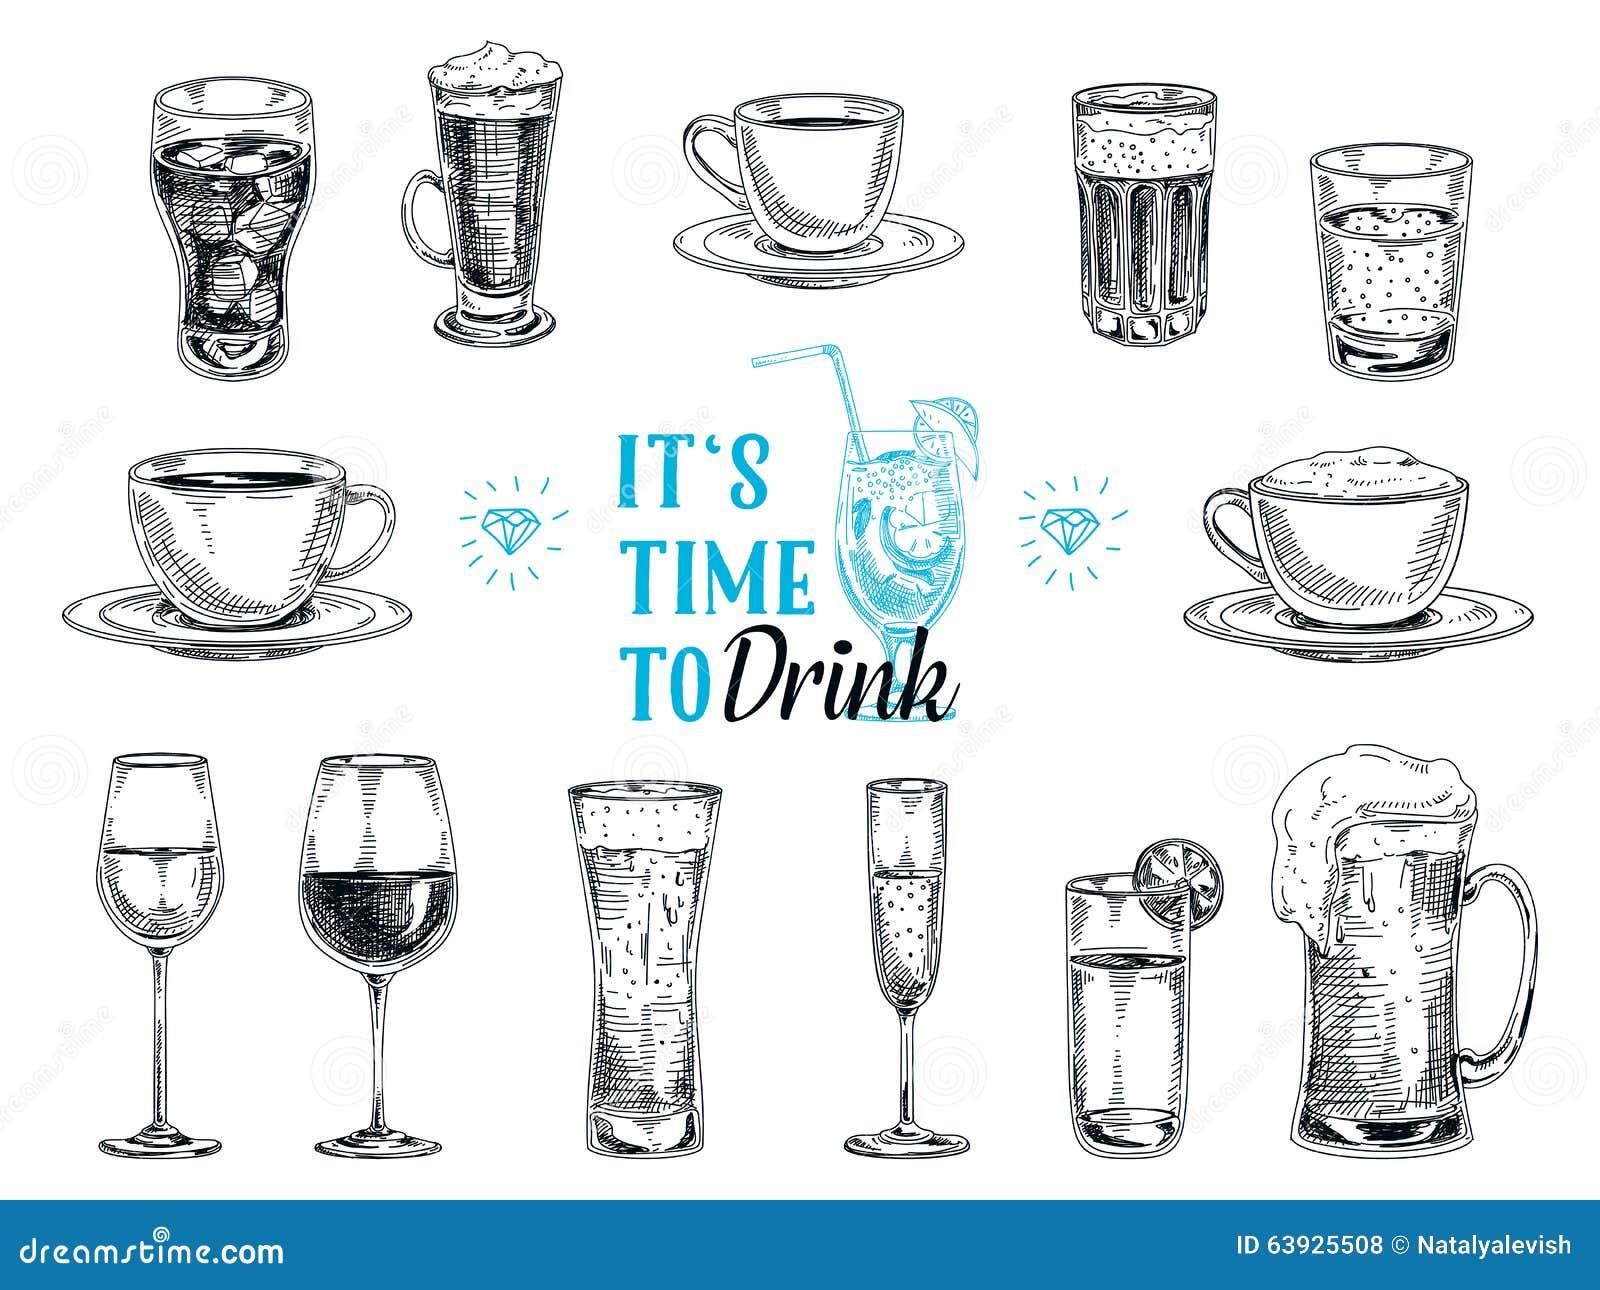 Hot Drink Design Sketch